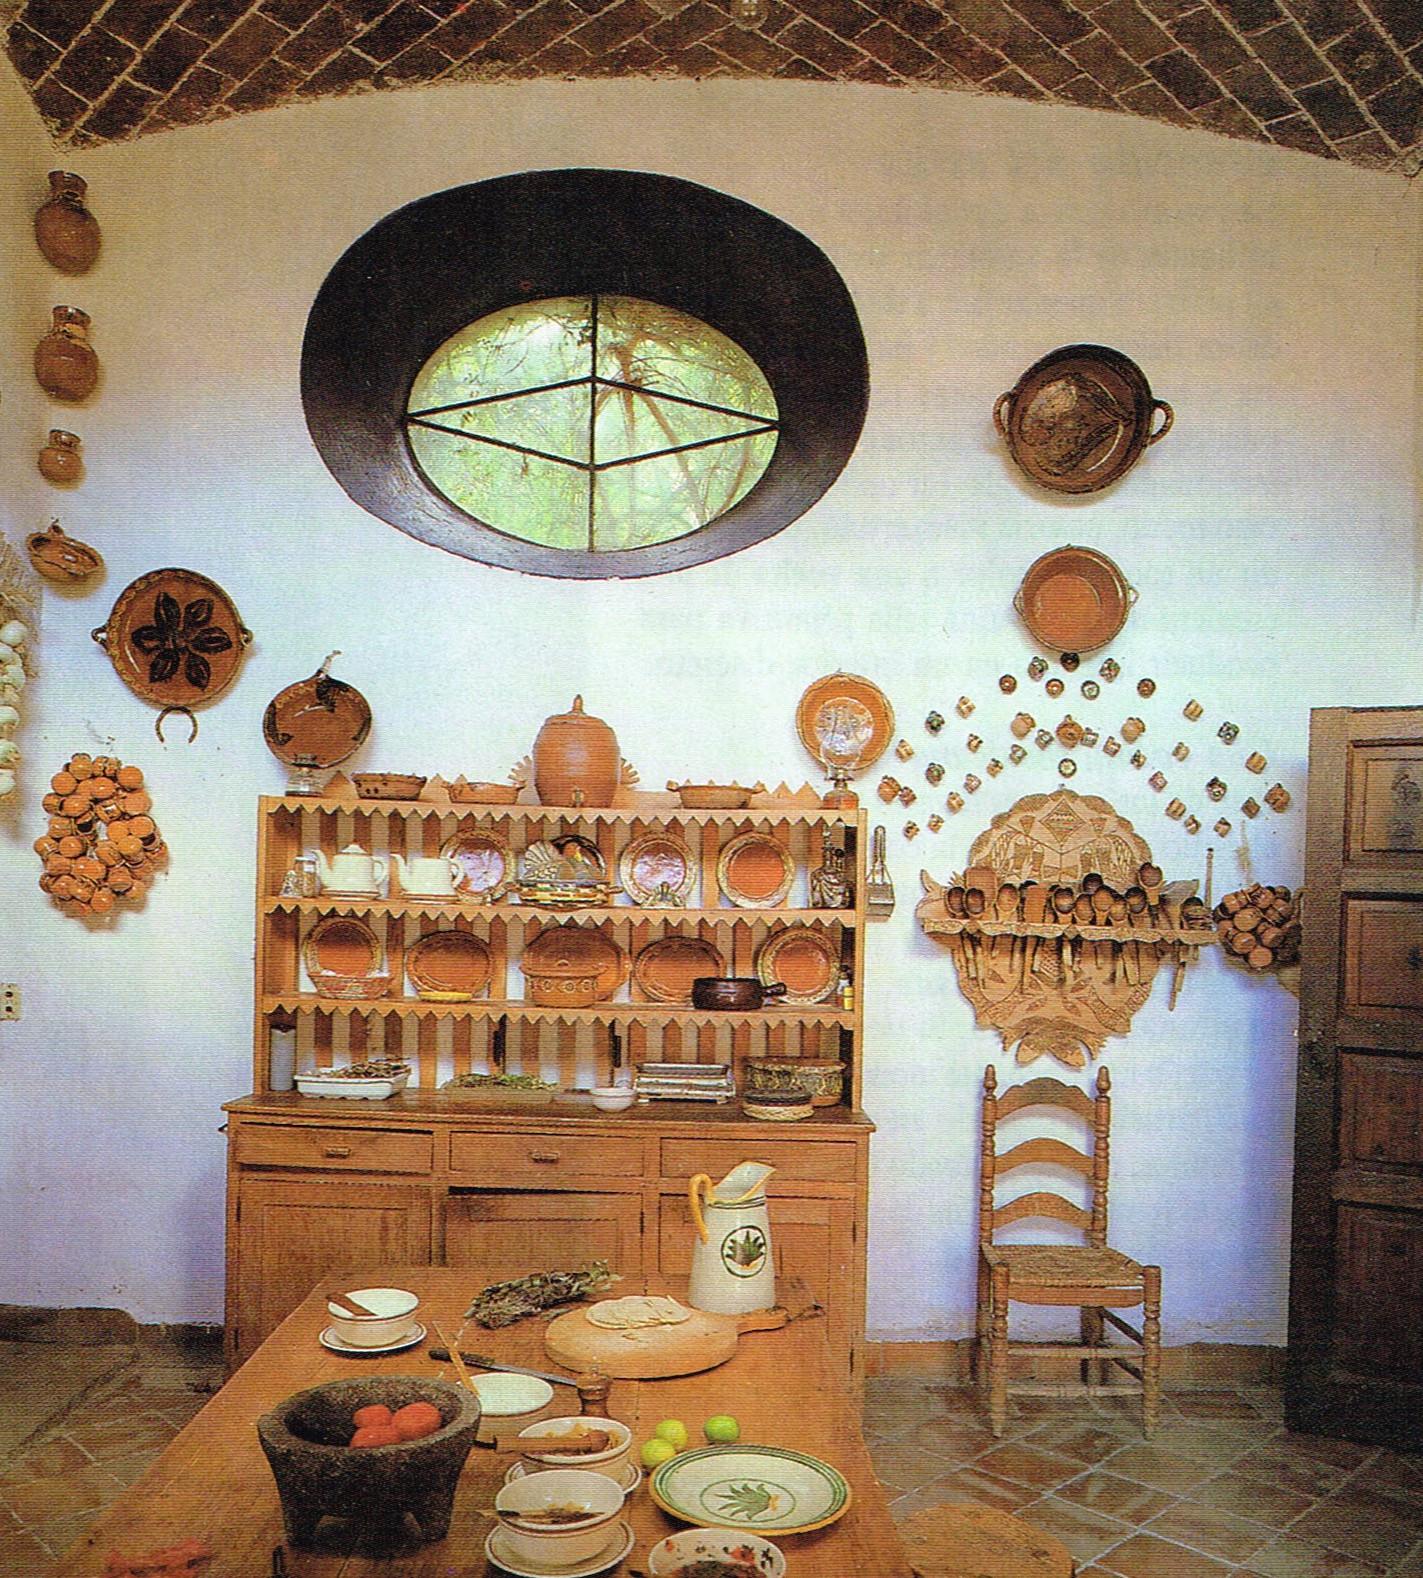 decoracion de interiores rustica mexicana:una cocina mexicana uno de los mejores lugares para introducir el